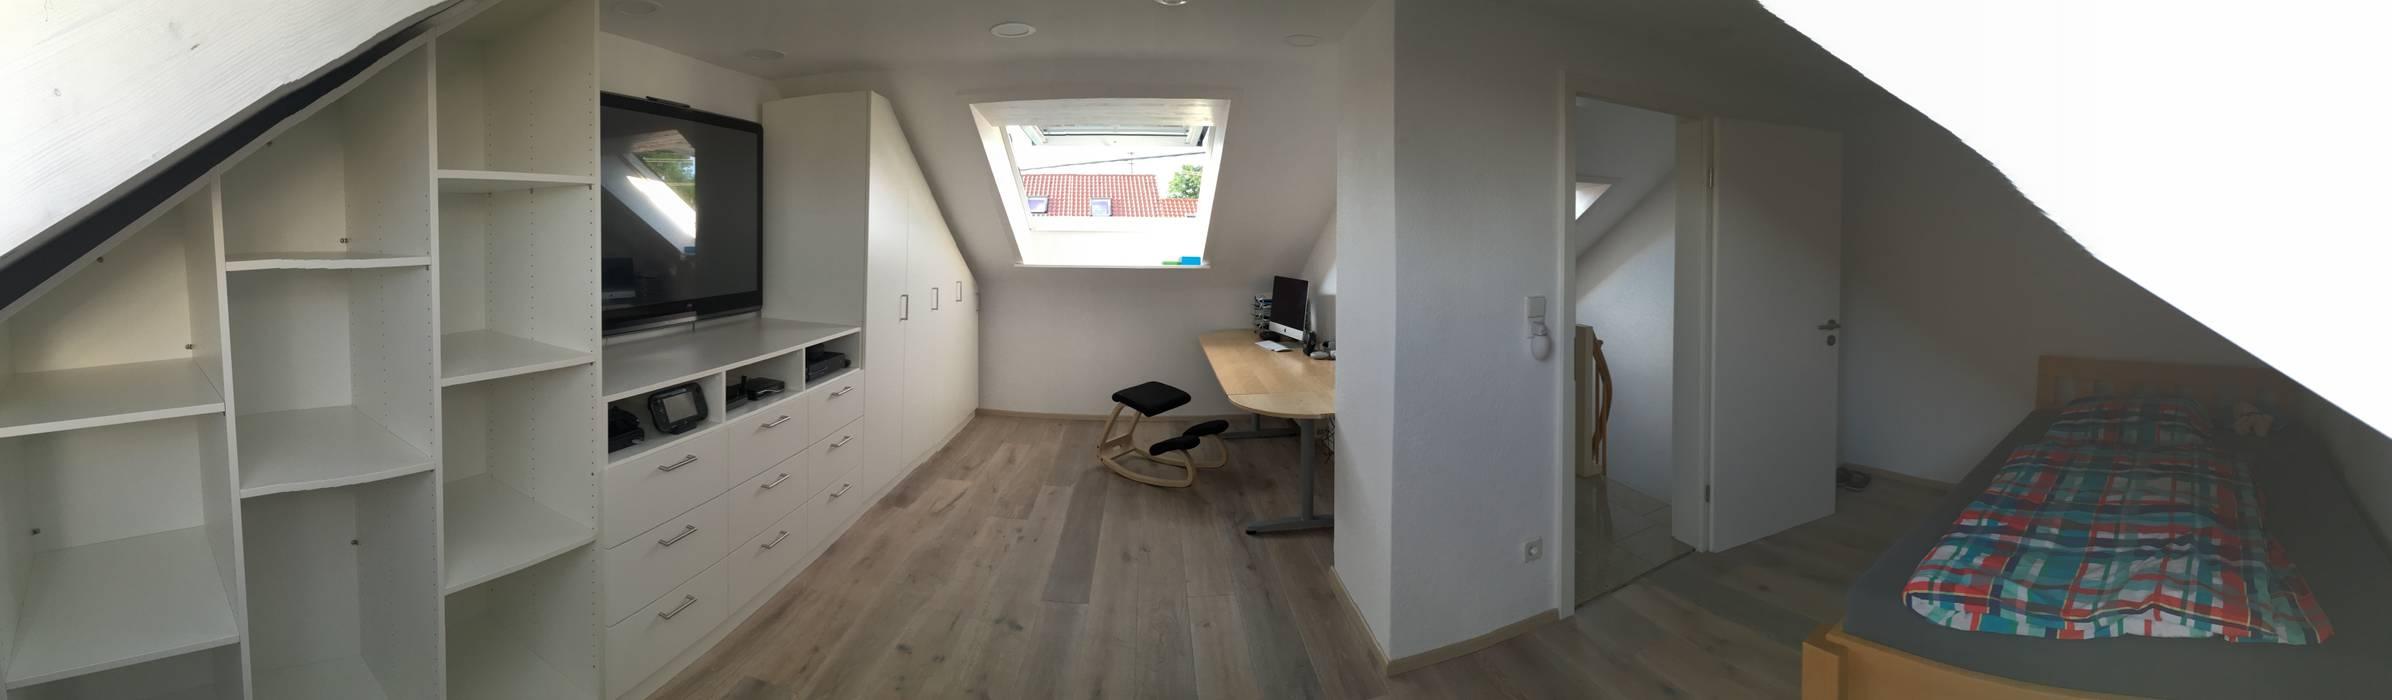 Einbauschrank auf dem dachboden mit integriertem tv: schlafzimmer ...